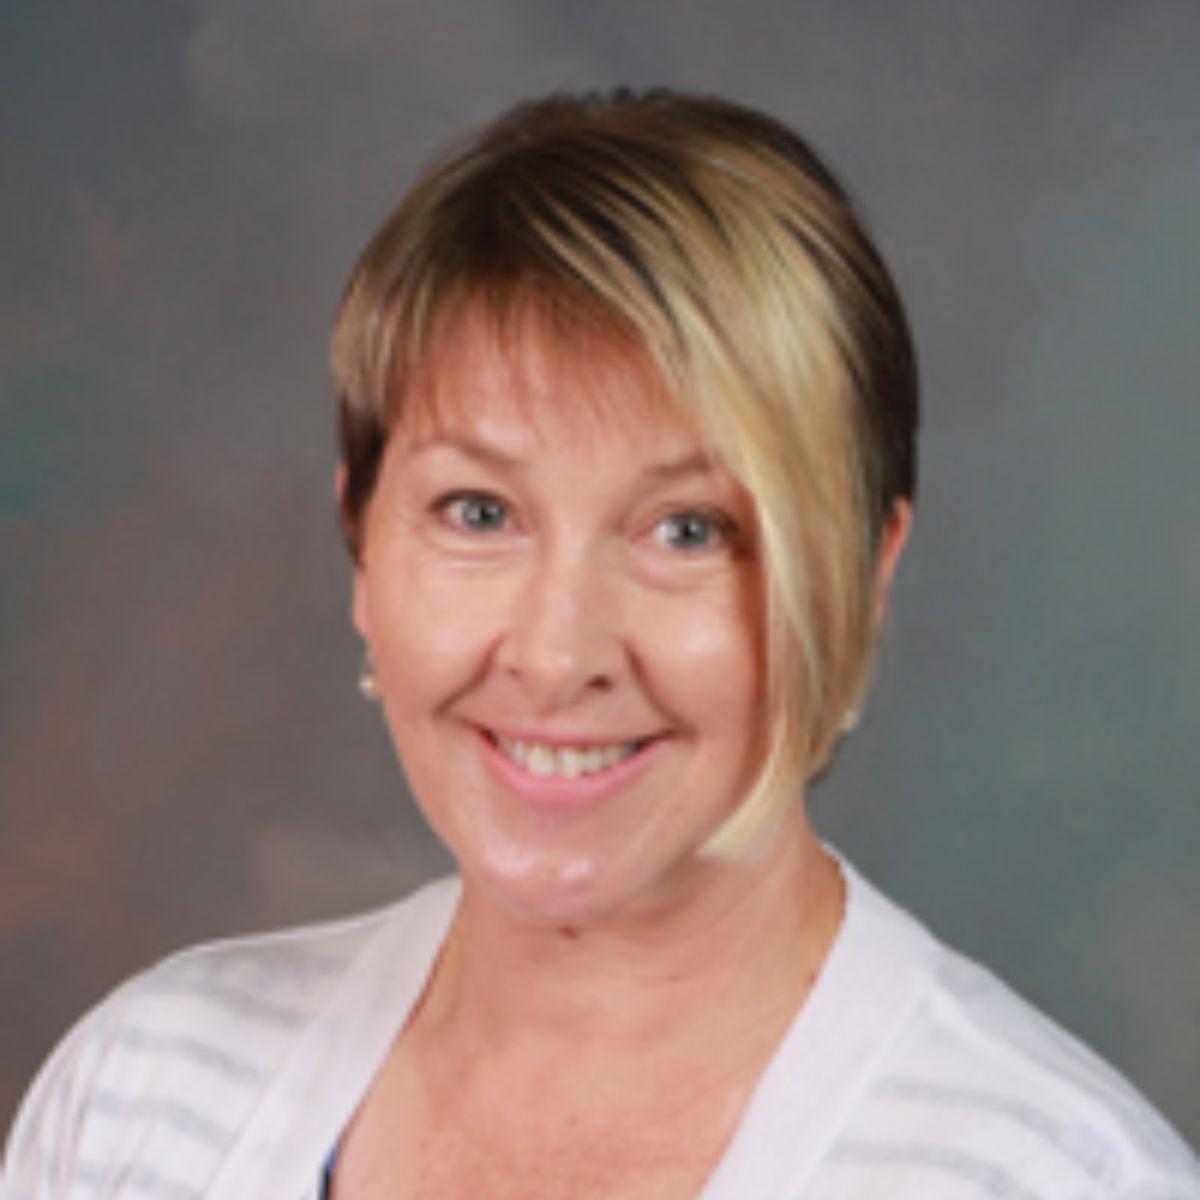 Mrs C. Soper